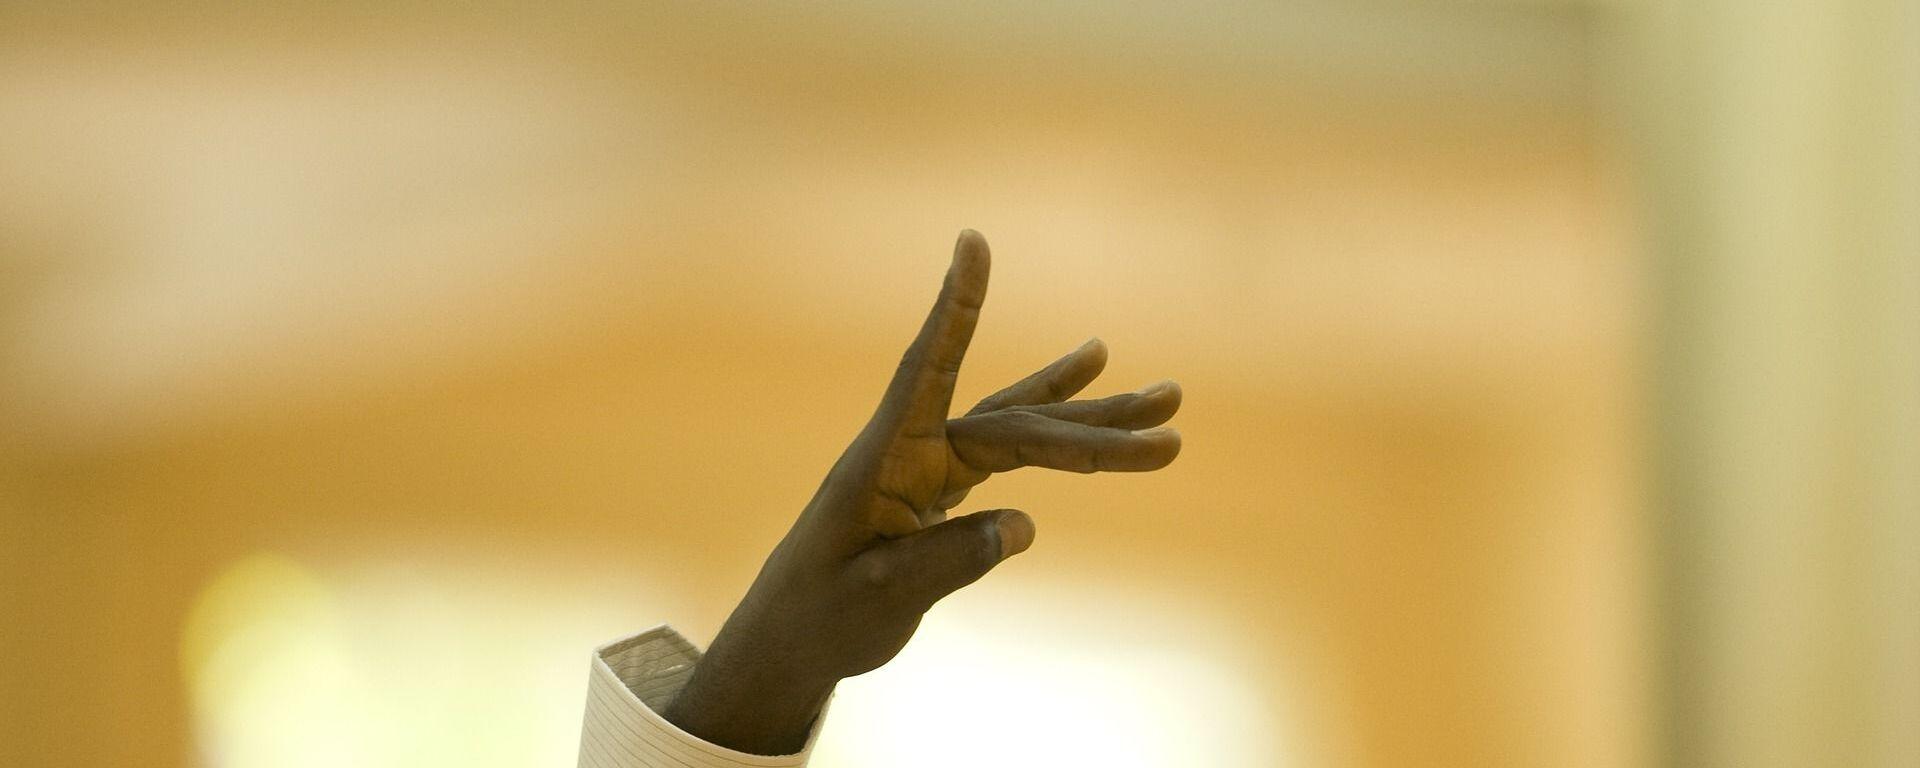 La mano de un afrodescendiente (imagen referencial) - Sputnik Mundo, 1920, 20.03.2021